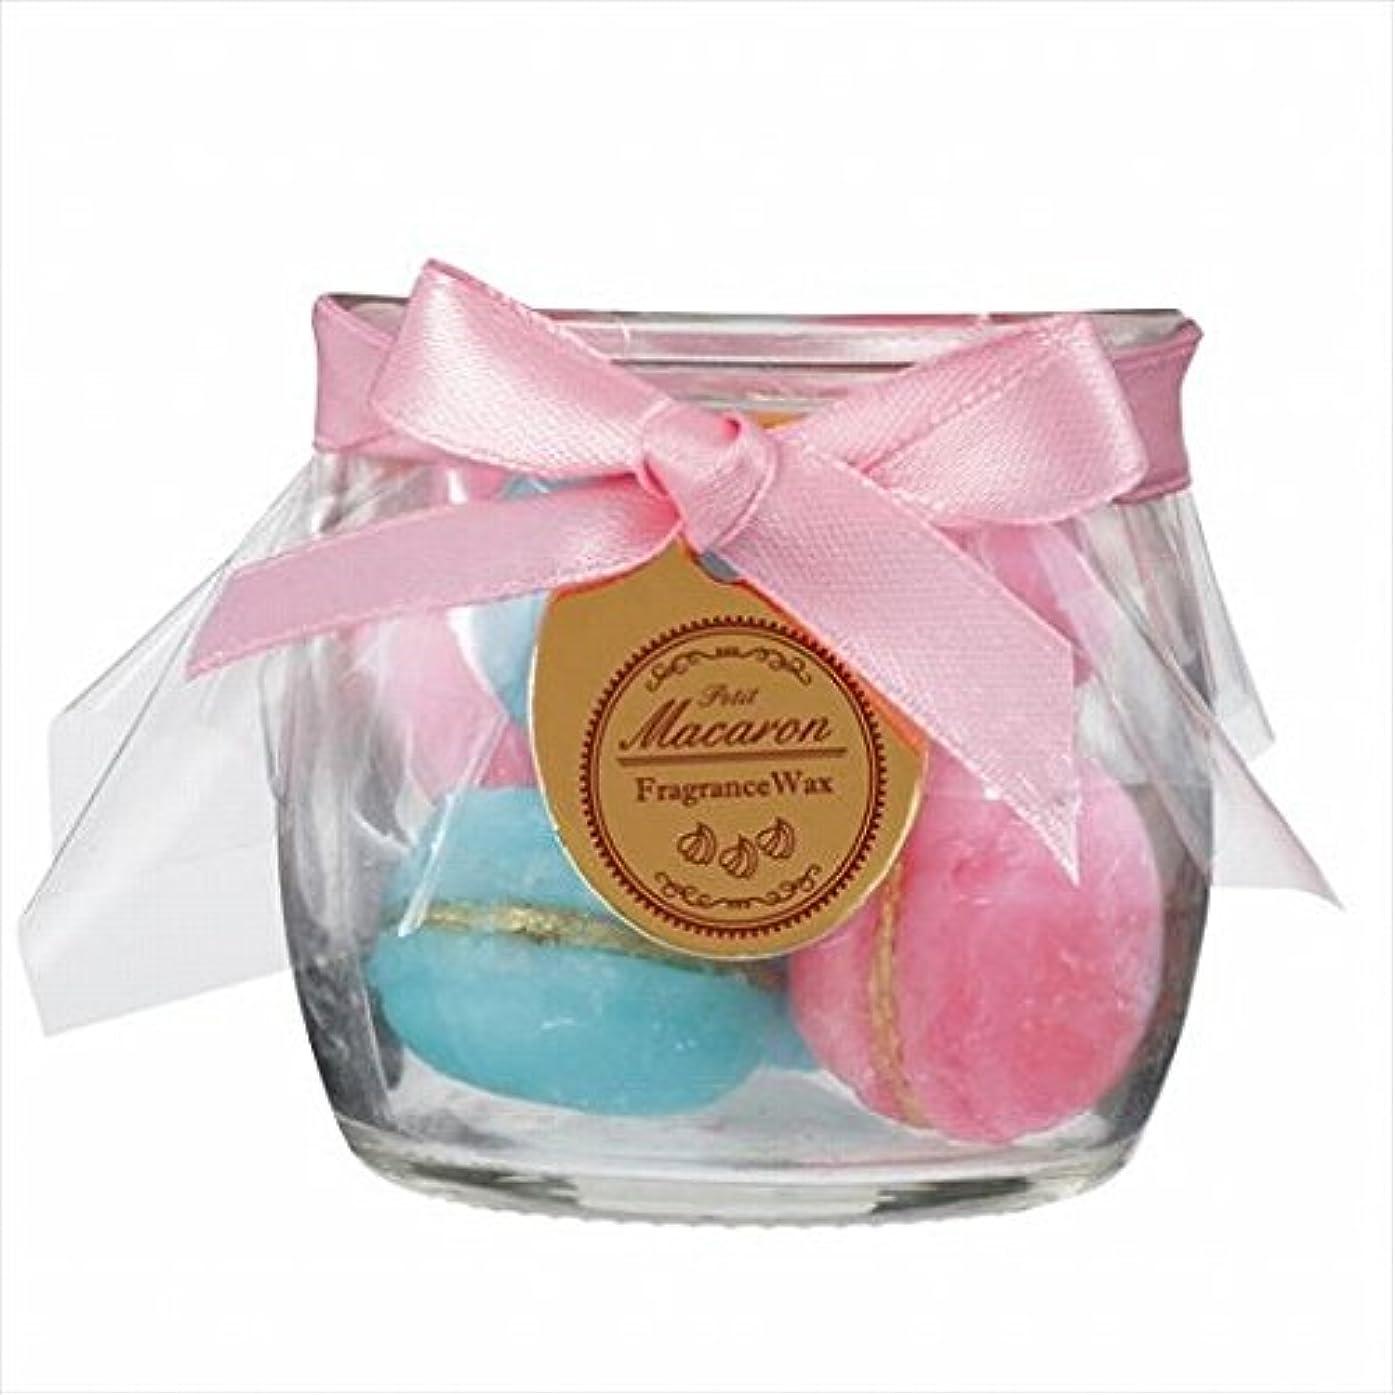 入力電話に出る密スイーツキャンドル( sweets candle ) プチマカロンフレグランス 「 ピーチ 」 キャンドル